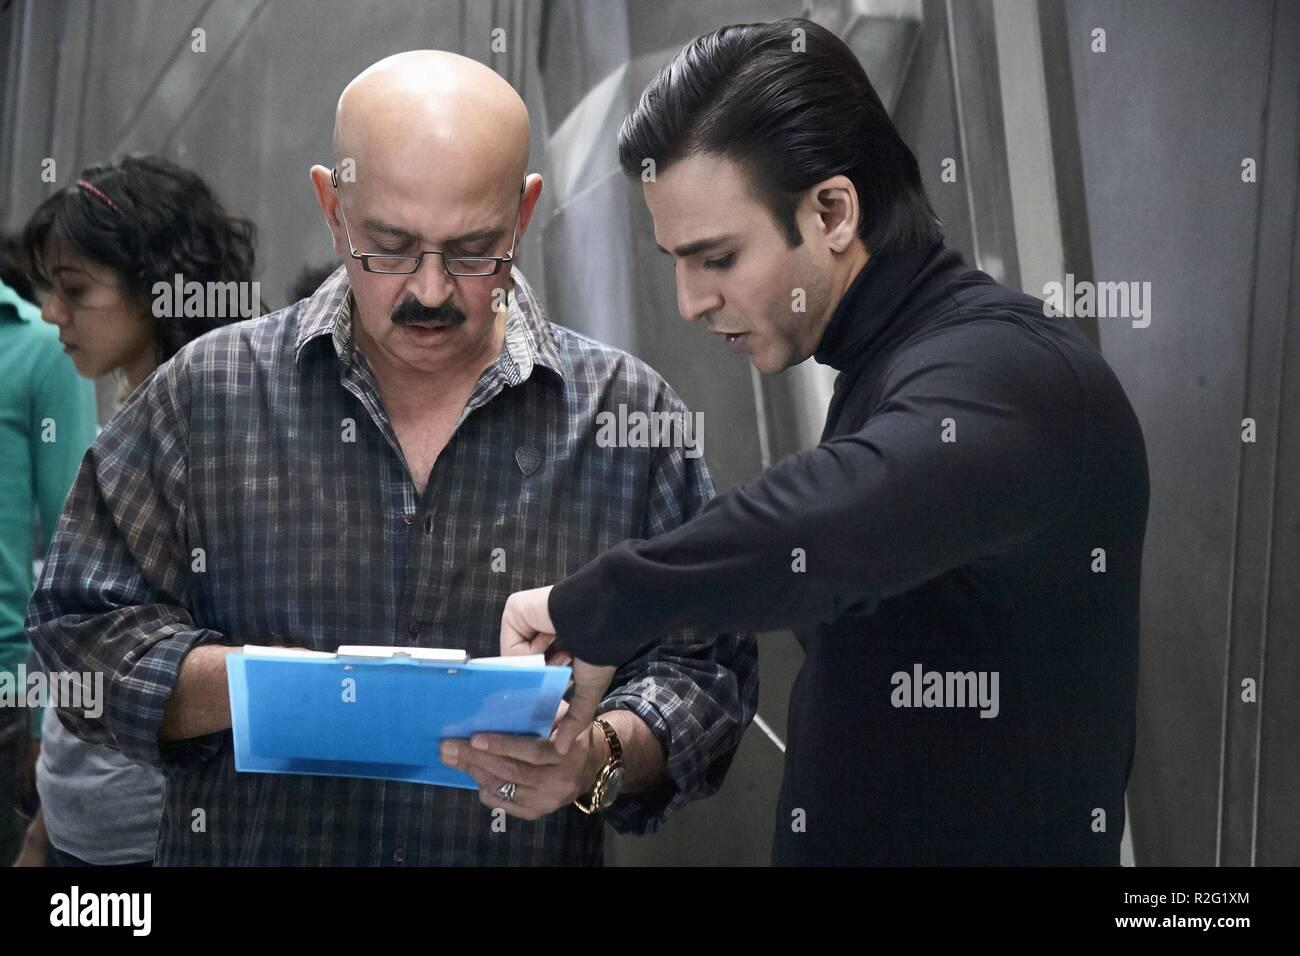 Krrish 3  Year : 2013 India Director : Rakesh Roshan Rakesh Roshan, Vivek Oberoi Shooting picture - Stock Image